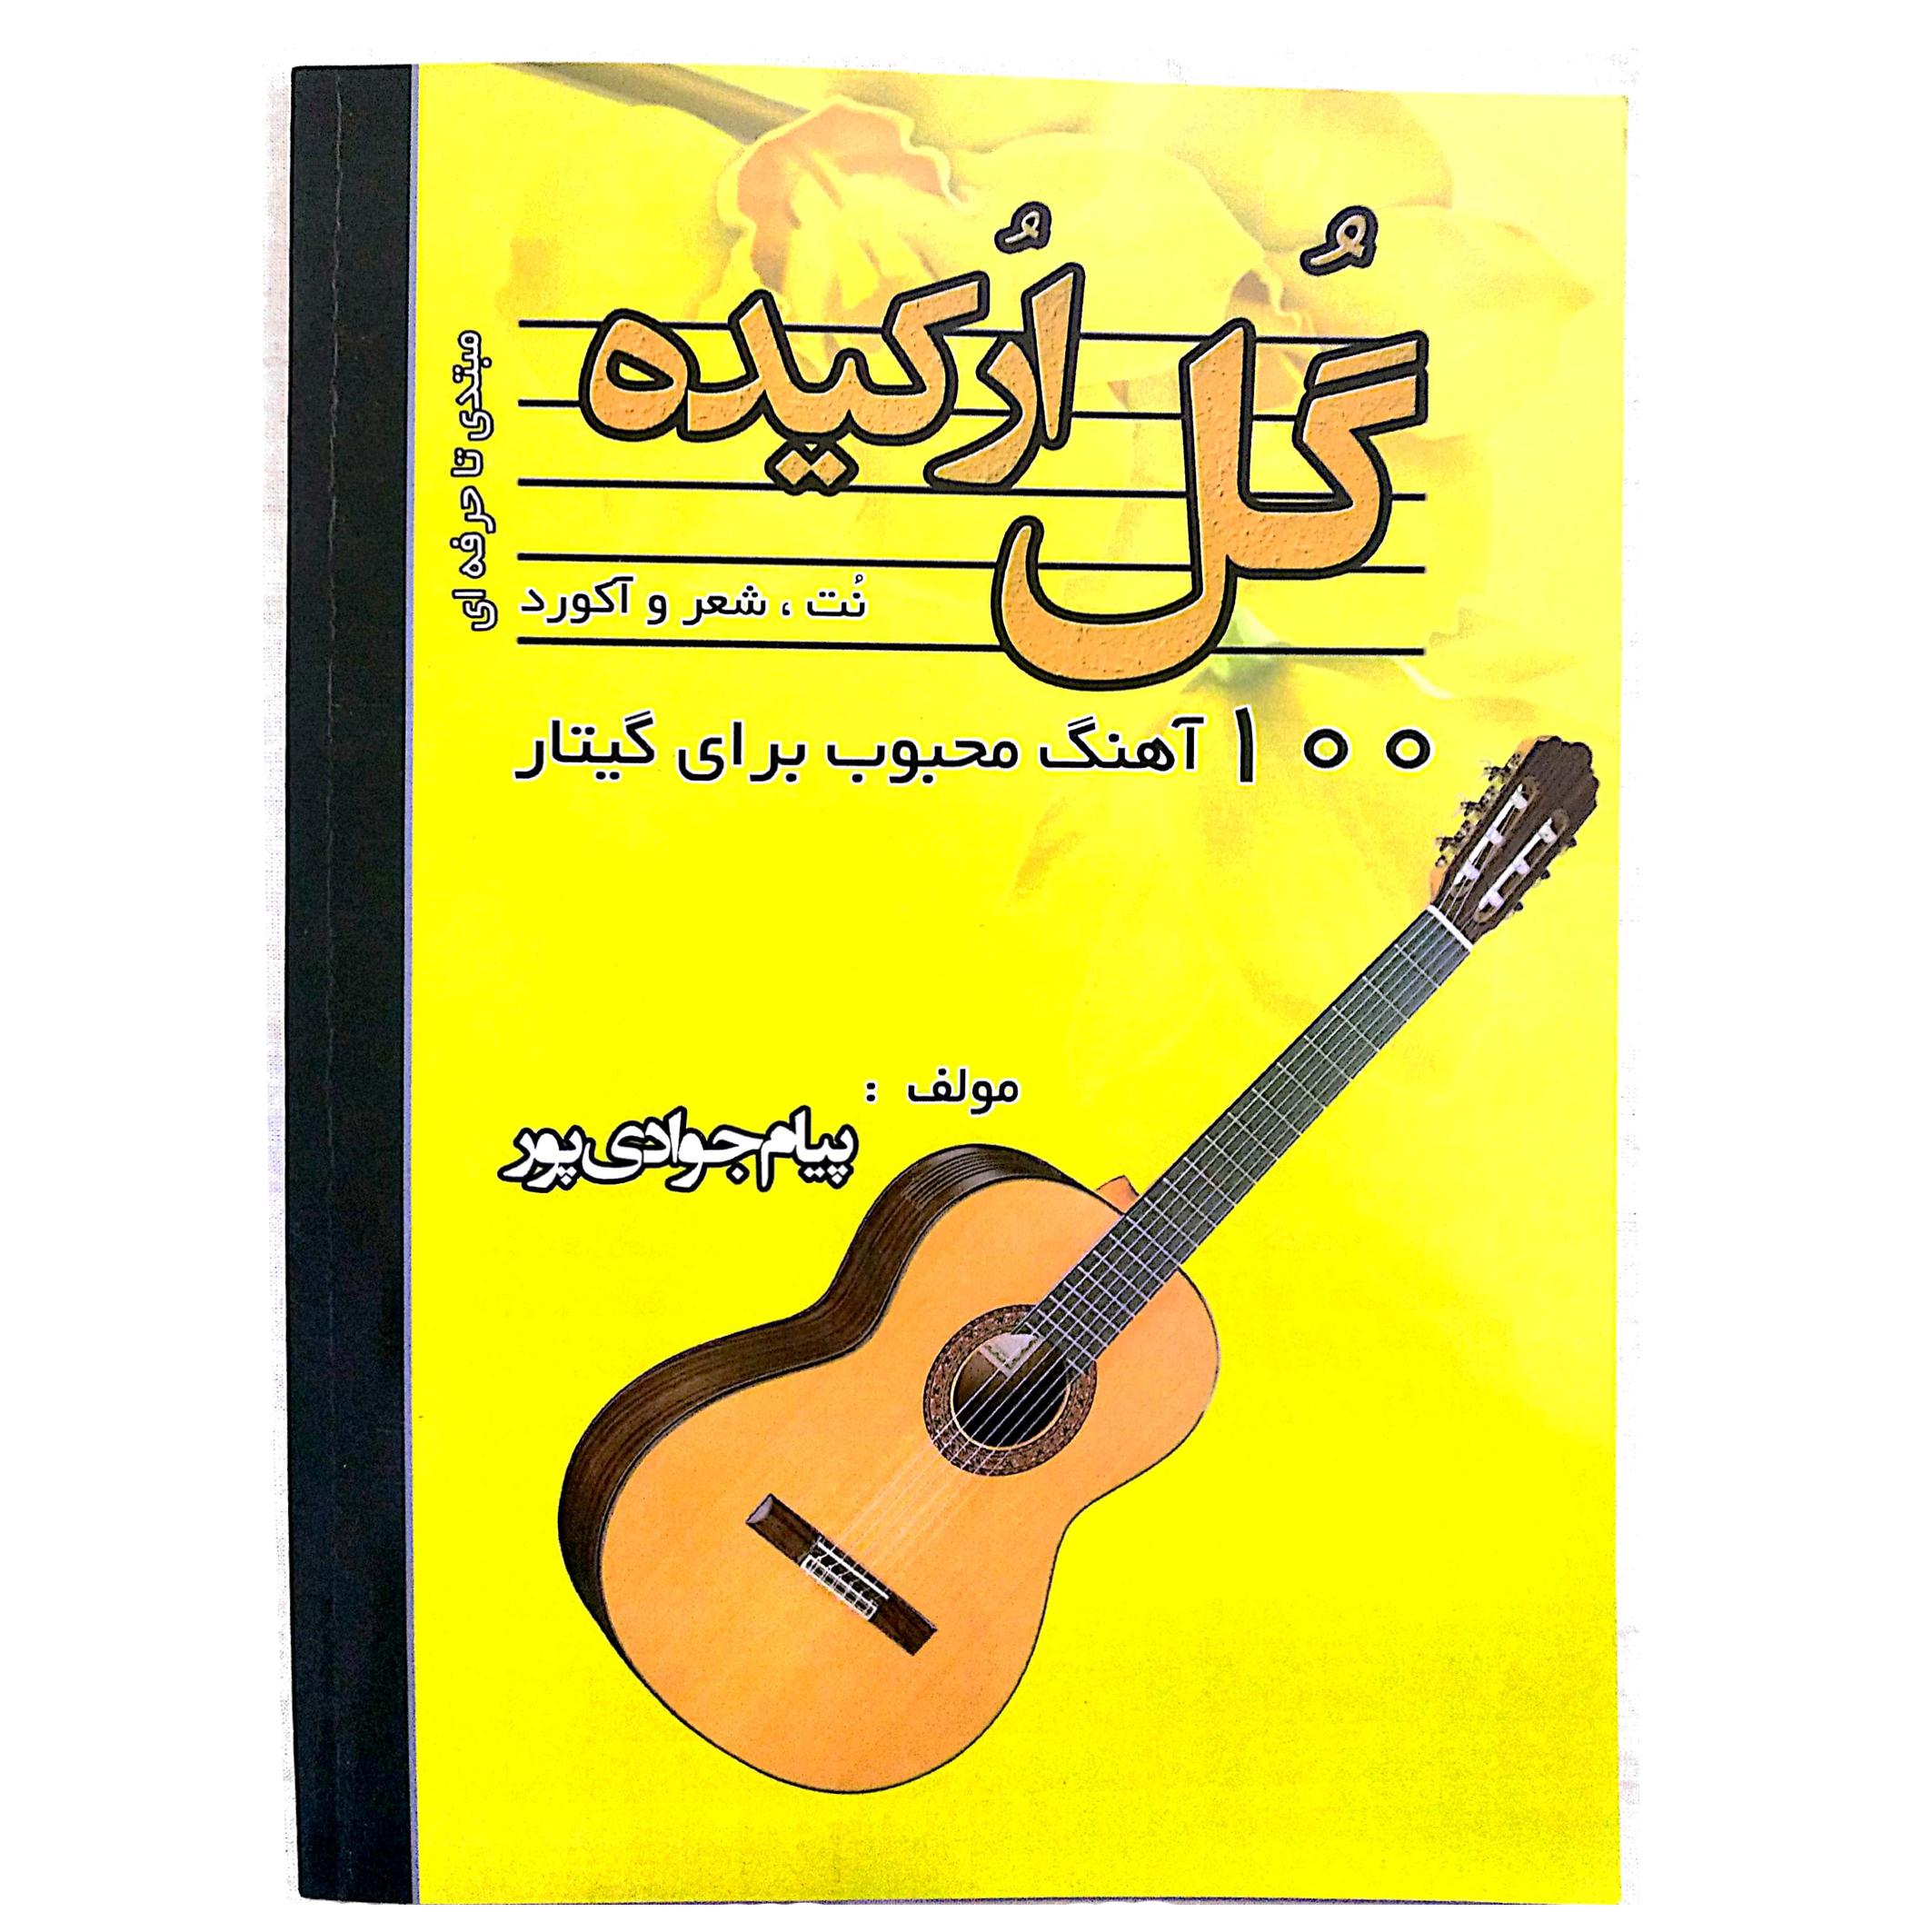 کتاب گل ارکیده 100 آهنگ محبوب برای گیتار اثر پیام جوادی پور انتشارات آیات